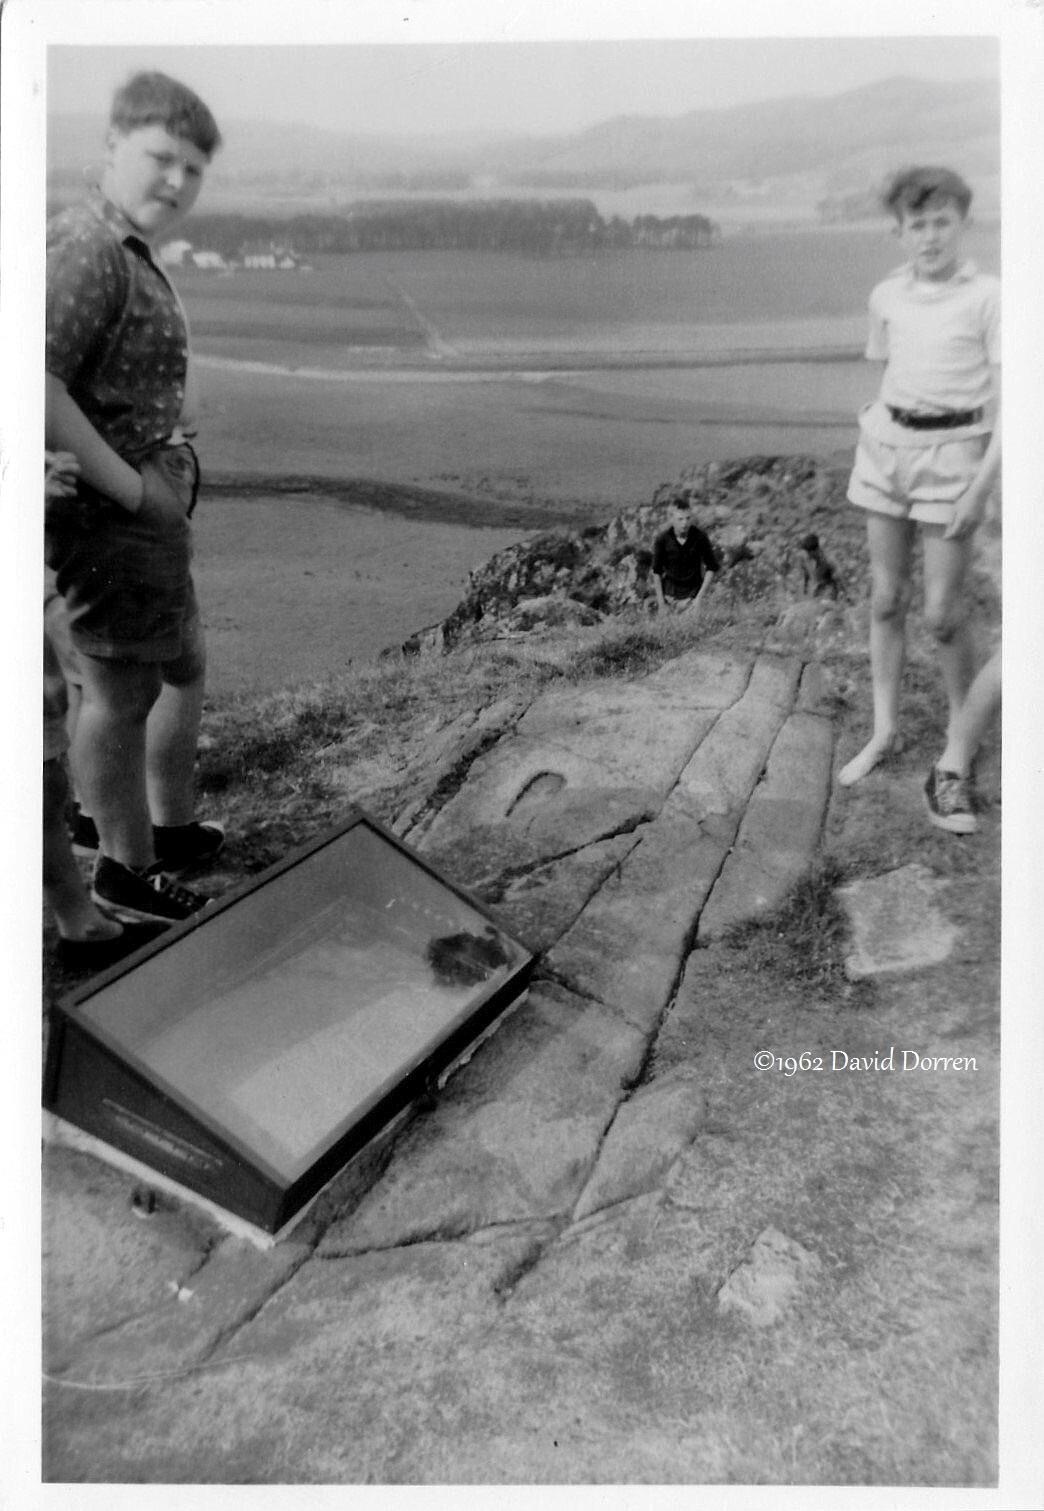 1962 photo by David Dorren of Barnakill camp, Dunadd